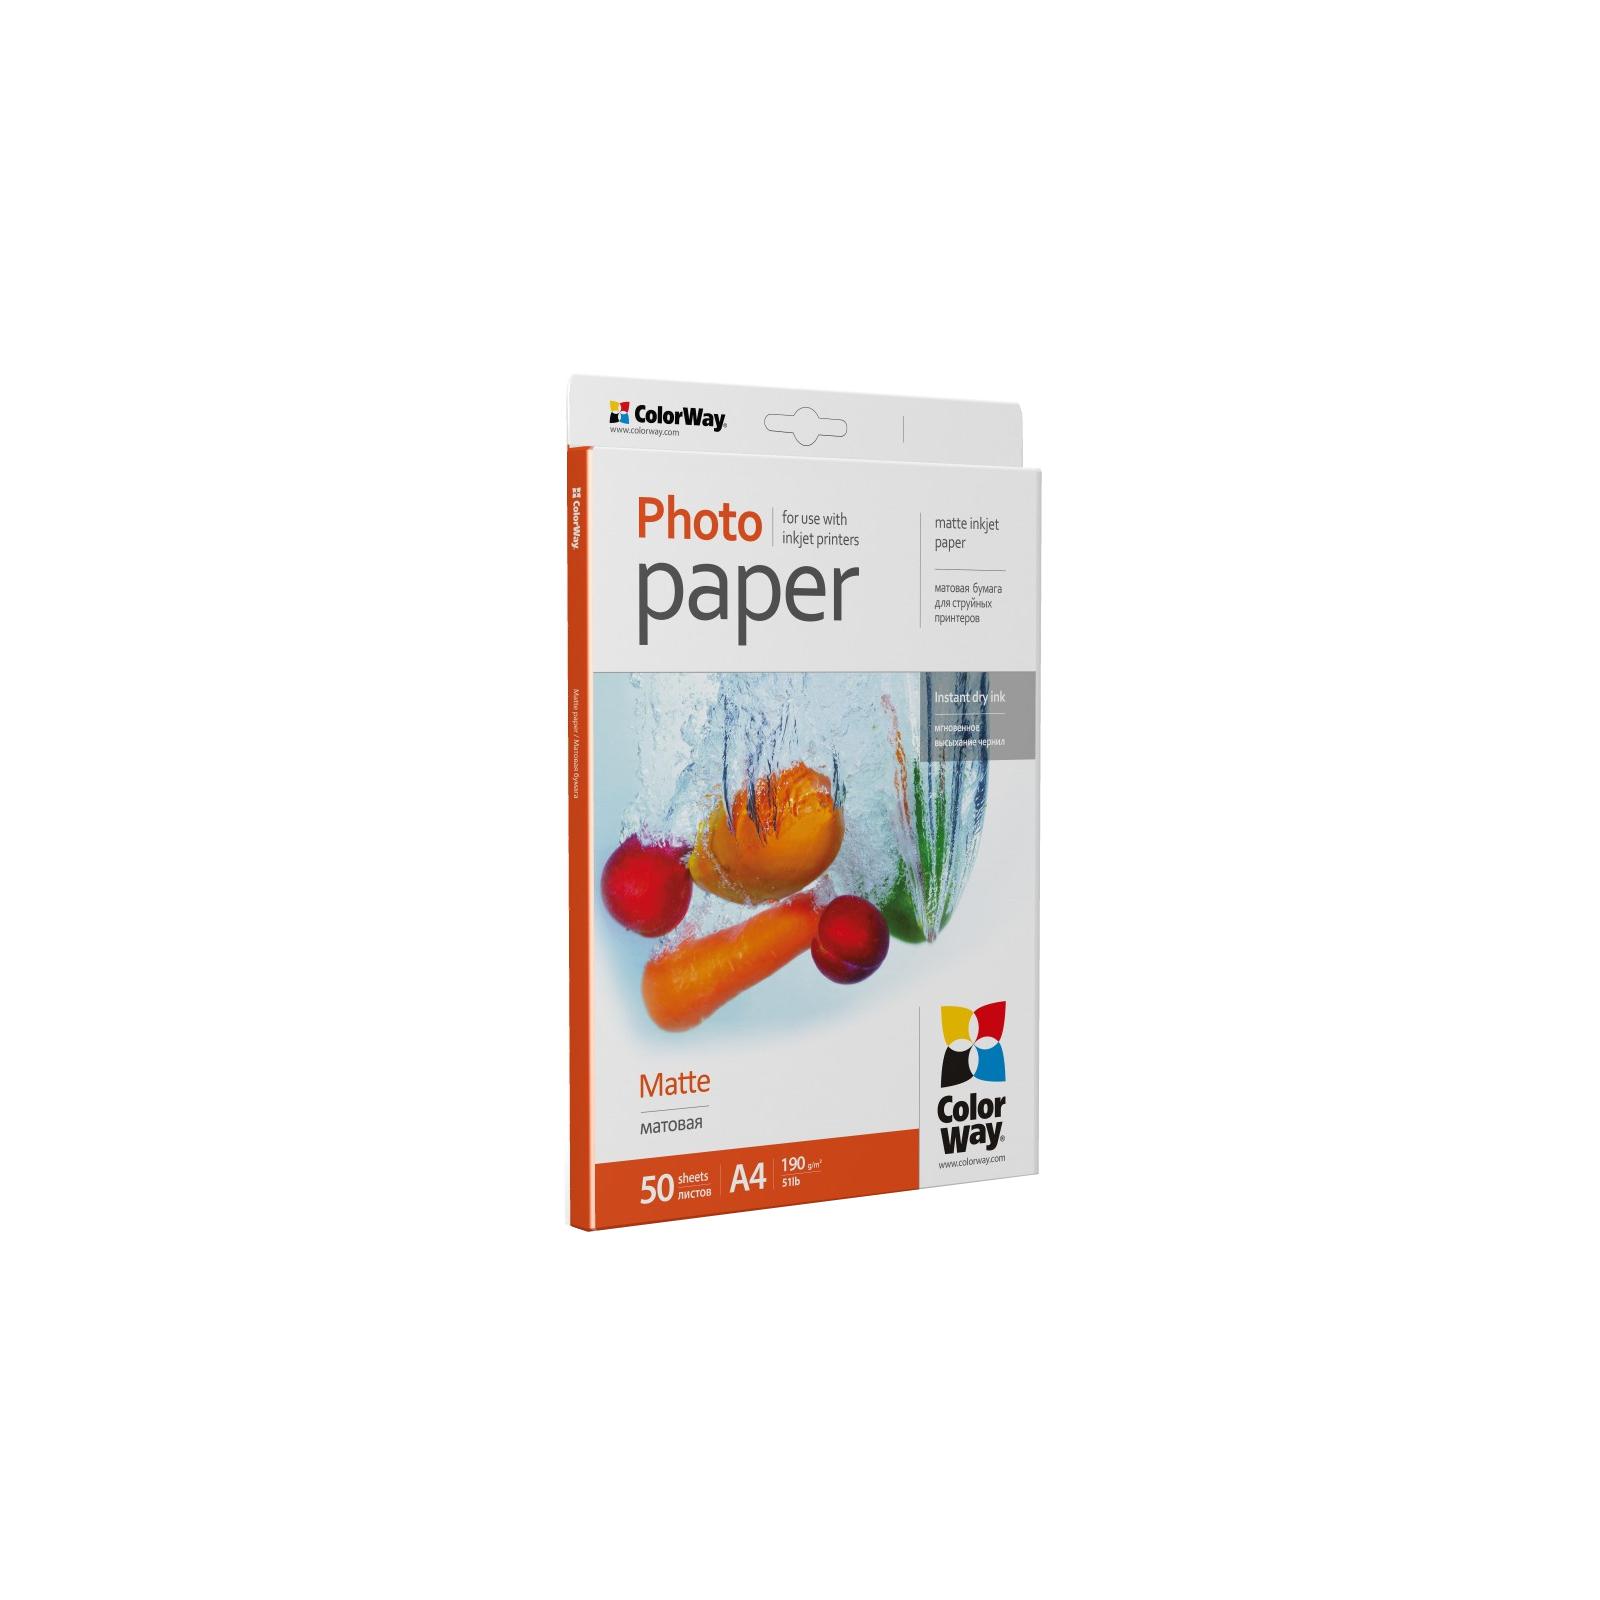 Бумага Colorway A4 190г Matte 50ст. (PM190050A4) изображение 2